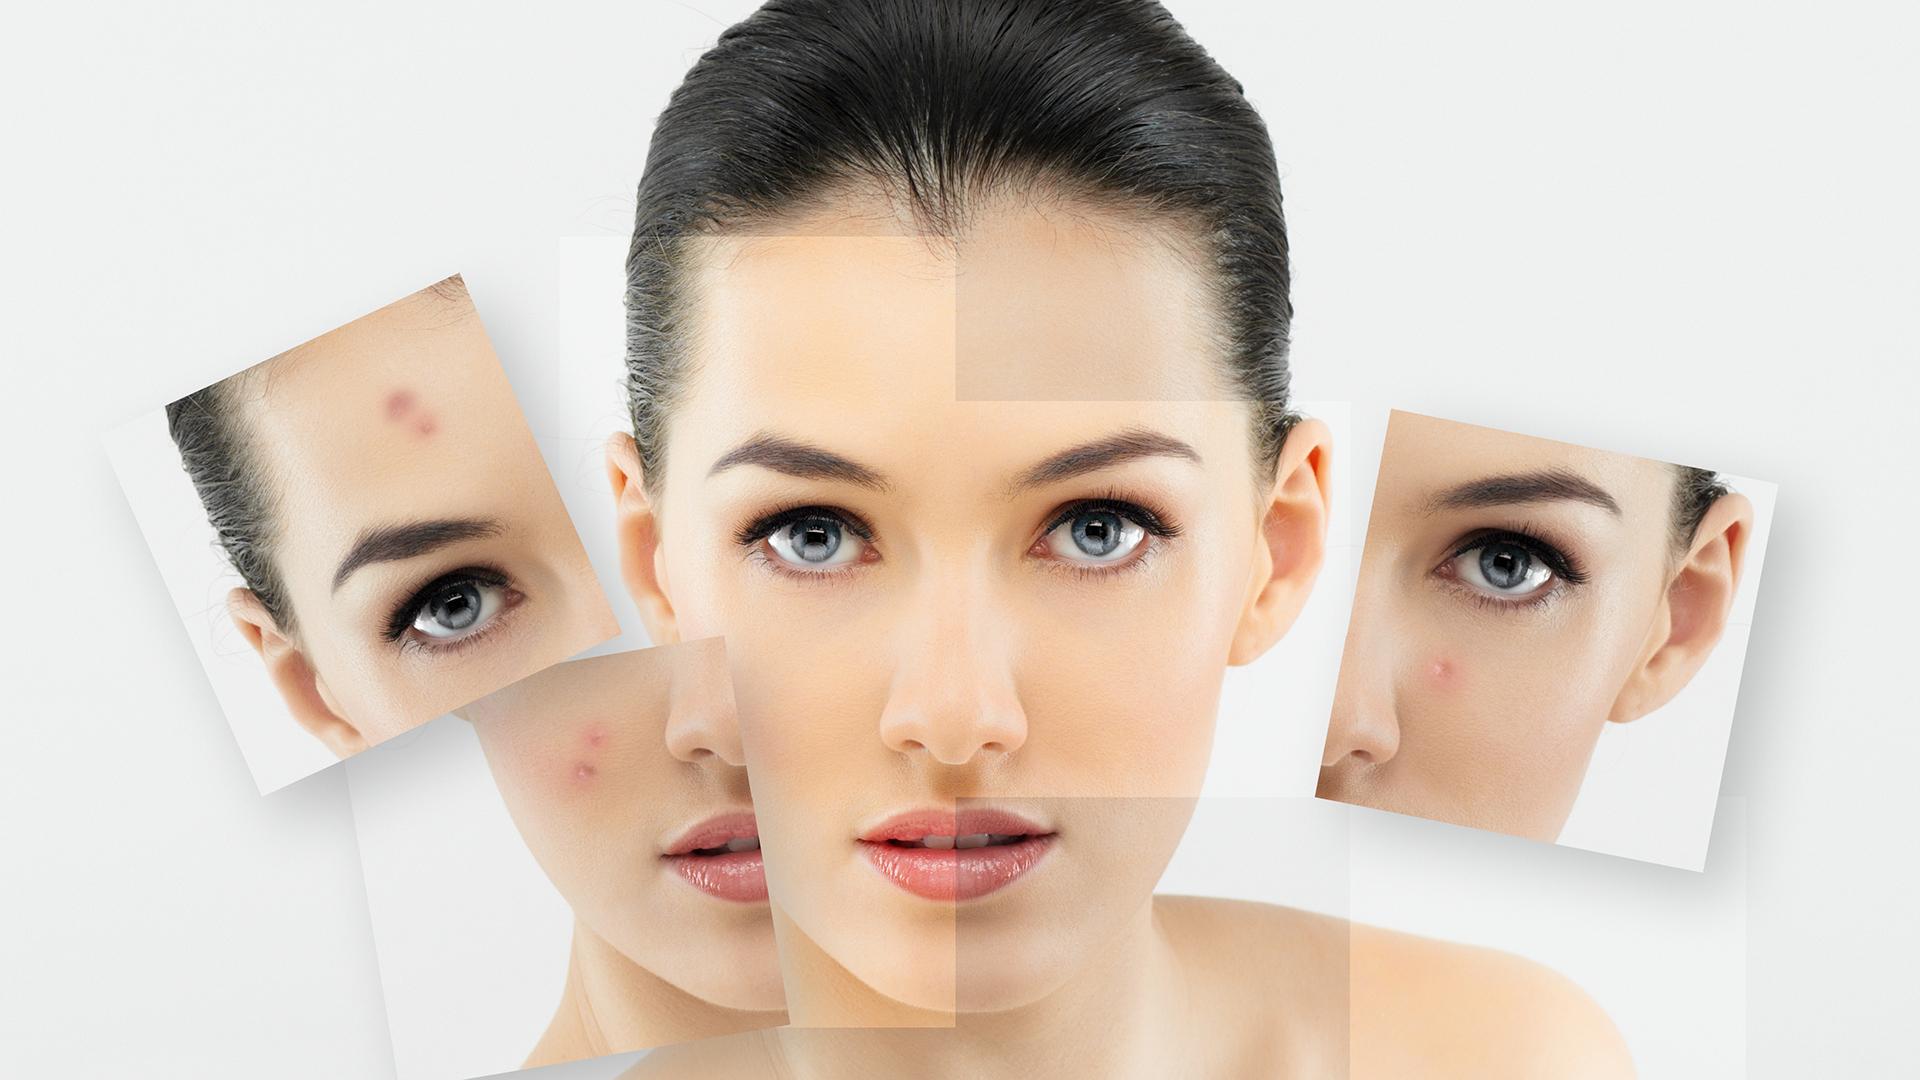 El especialista será quién diagnostique cuál es el mejor plan para cada piel (Shutterstock)